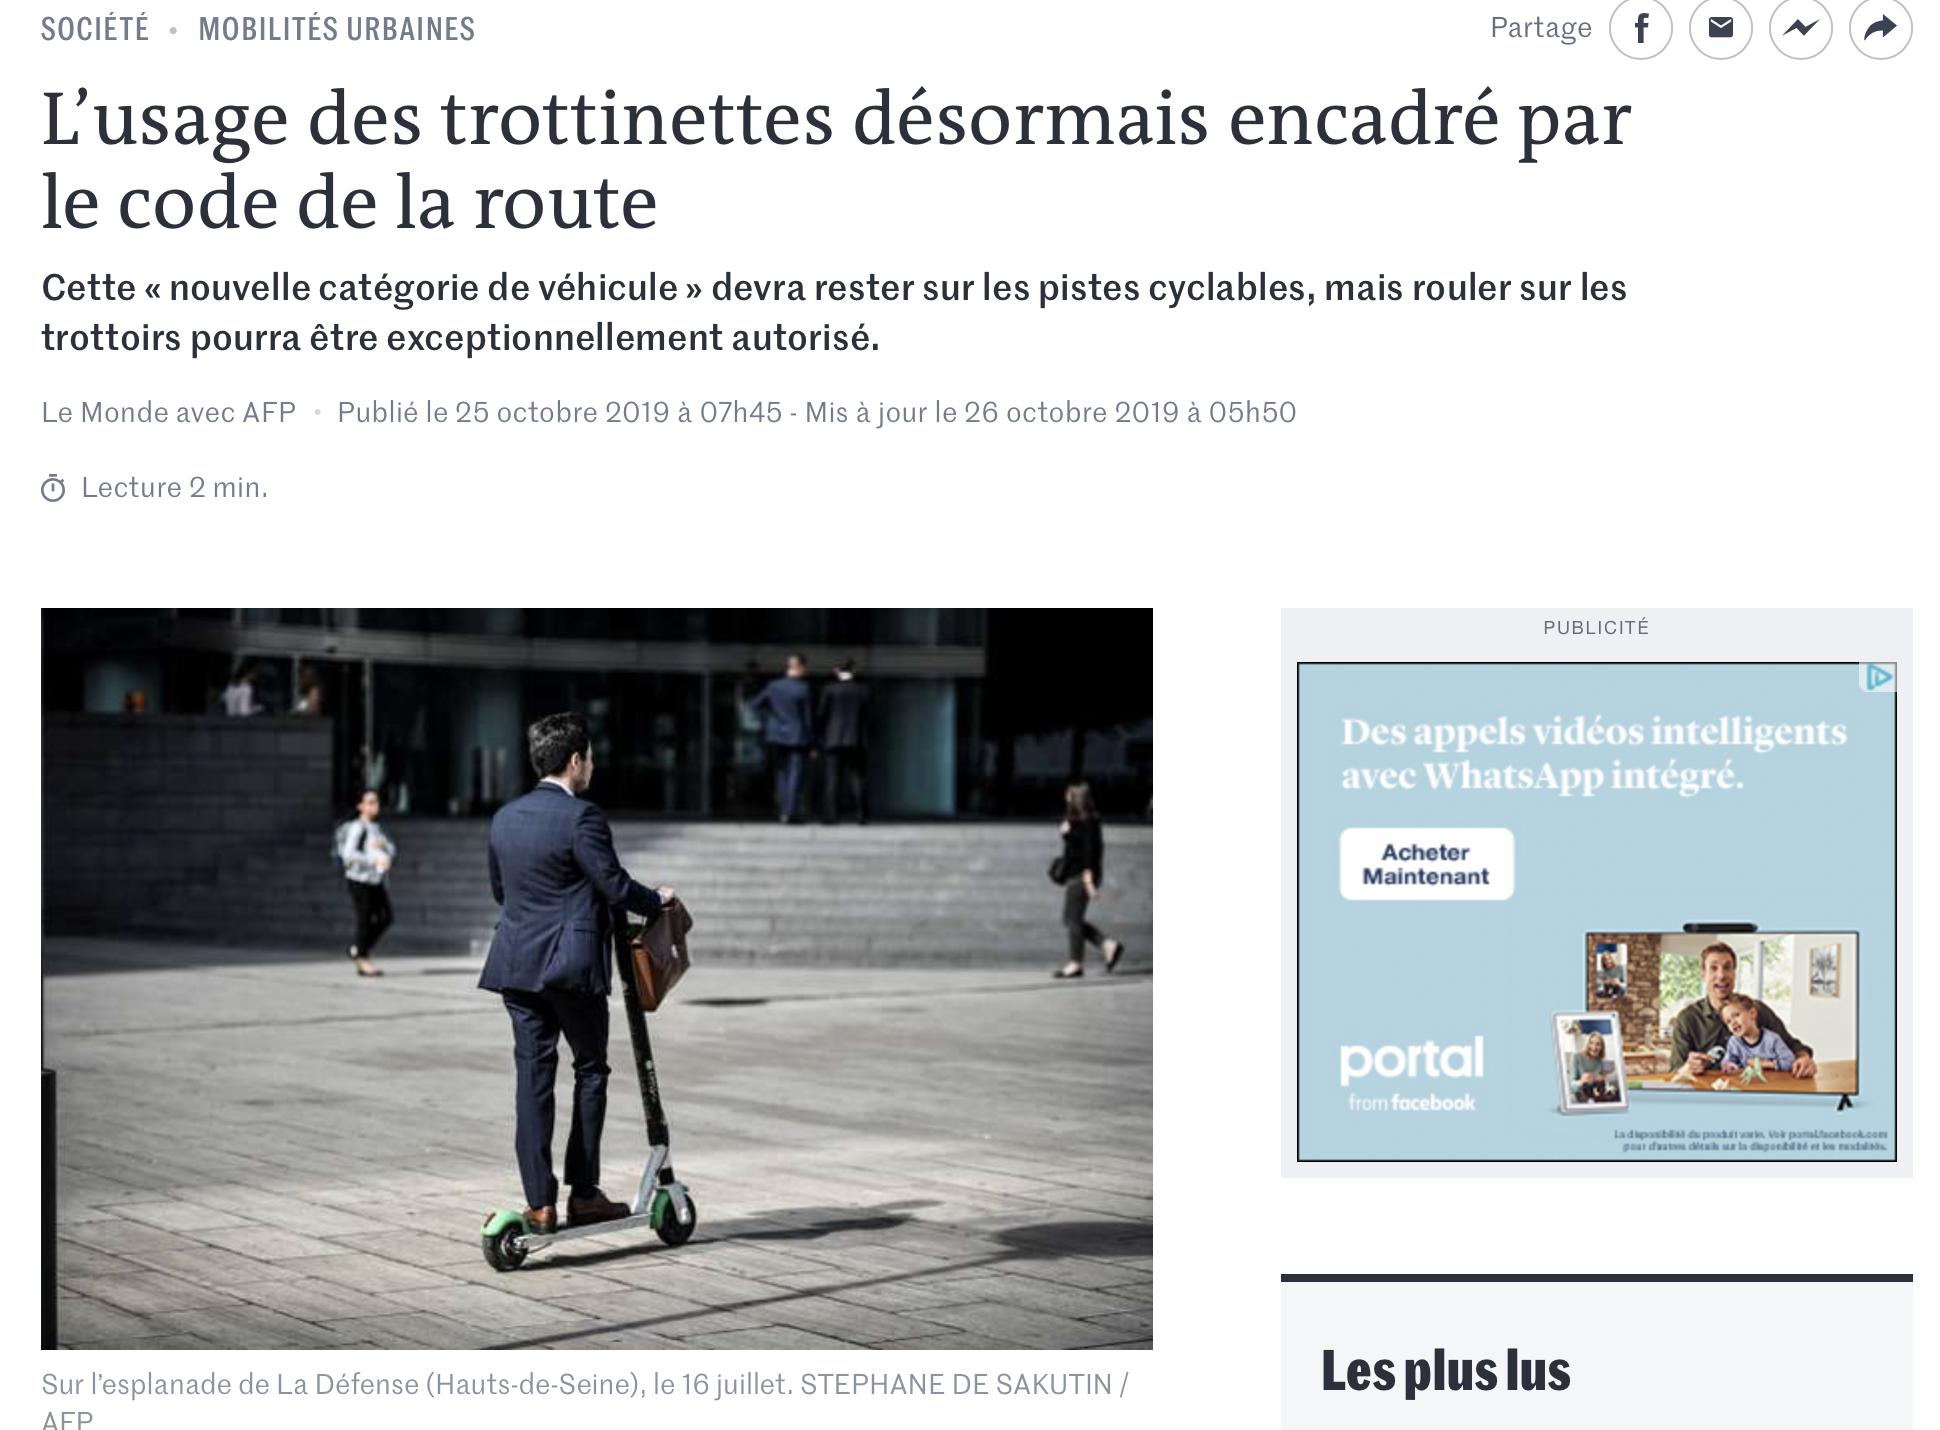 """Le Monde : """" L'usage des trottinettes désormais encadré par le code de la route """""""